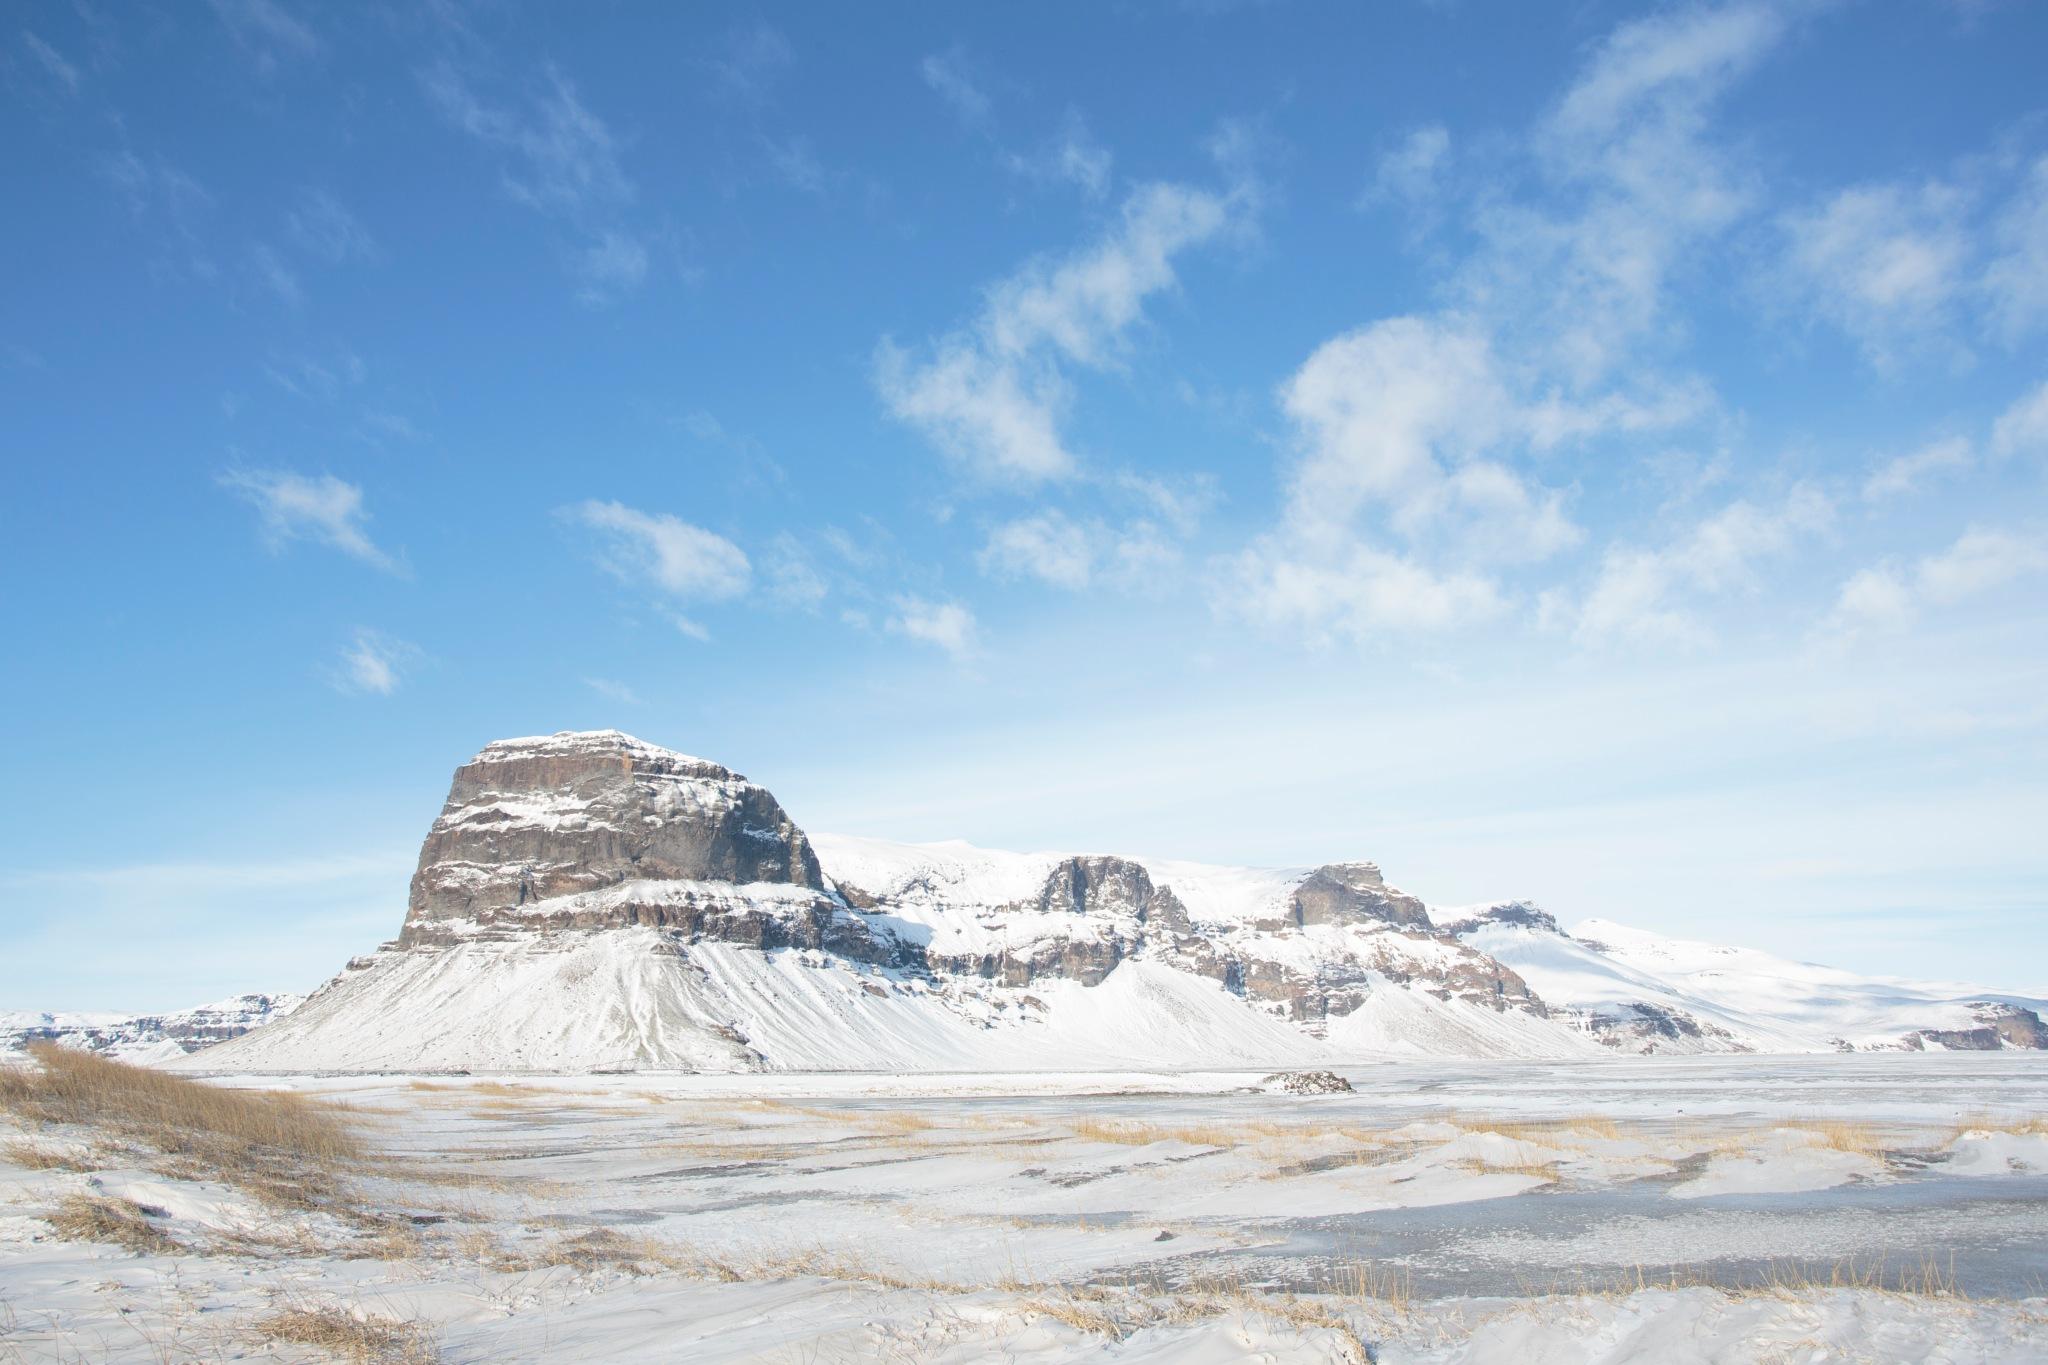 Iceland's Landscape by JoseSenna